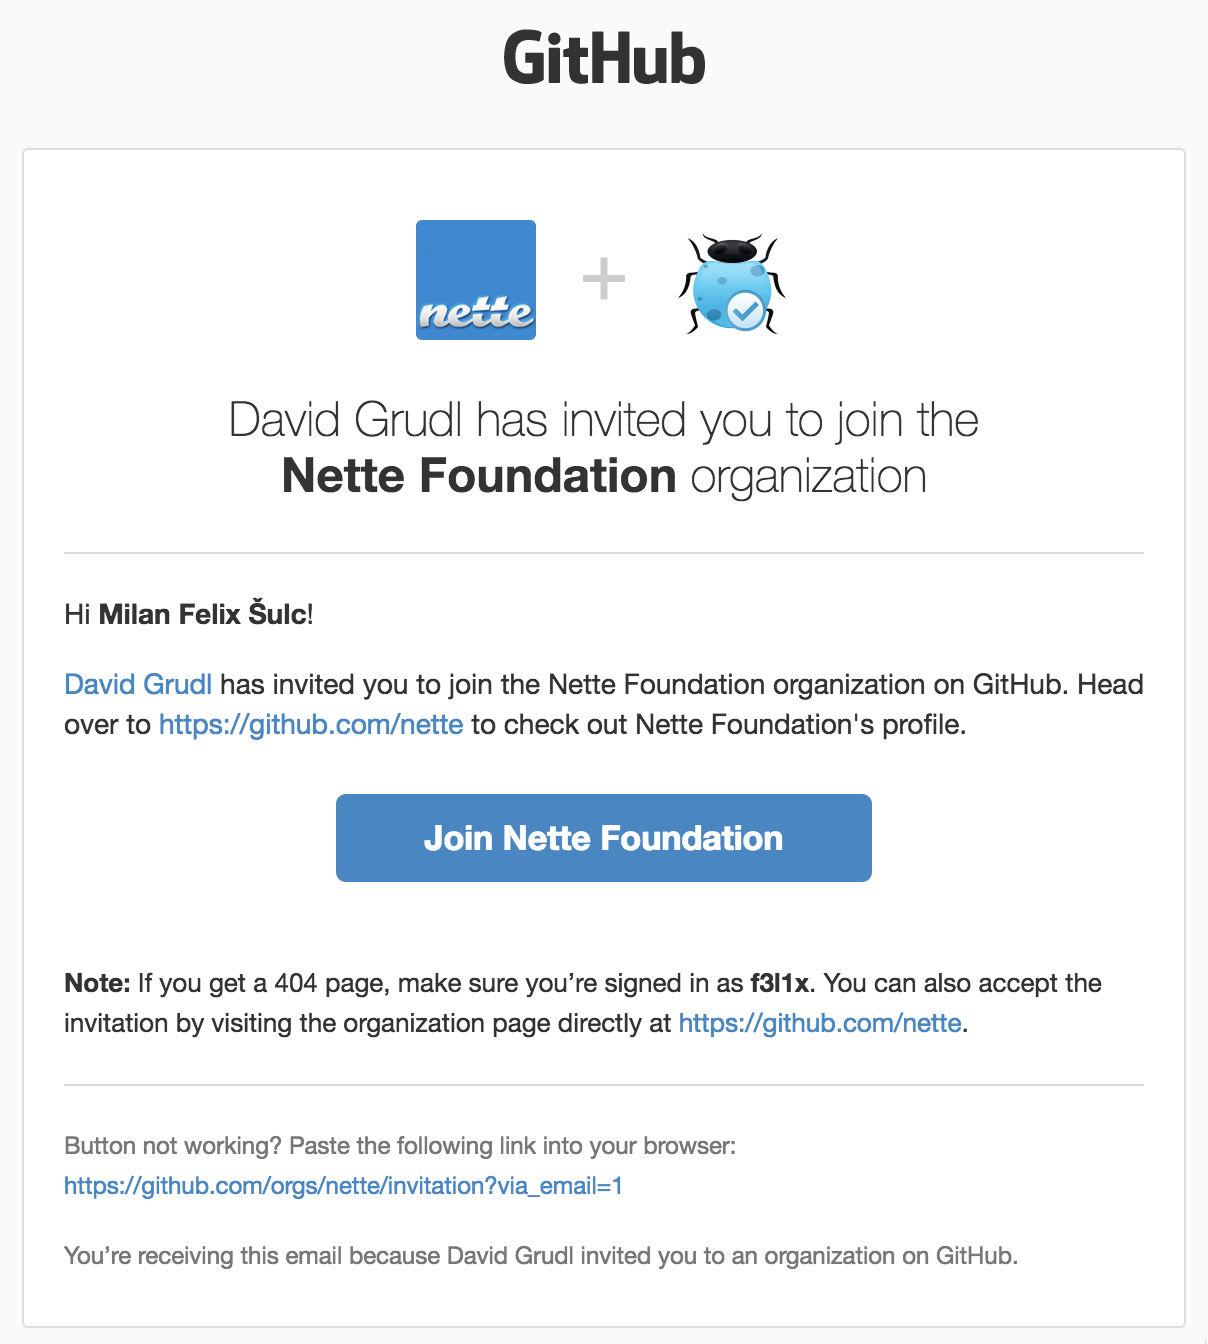 Připojení do Nette organizace